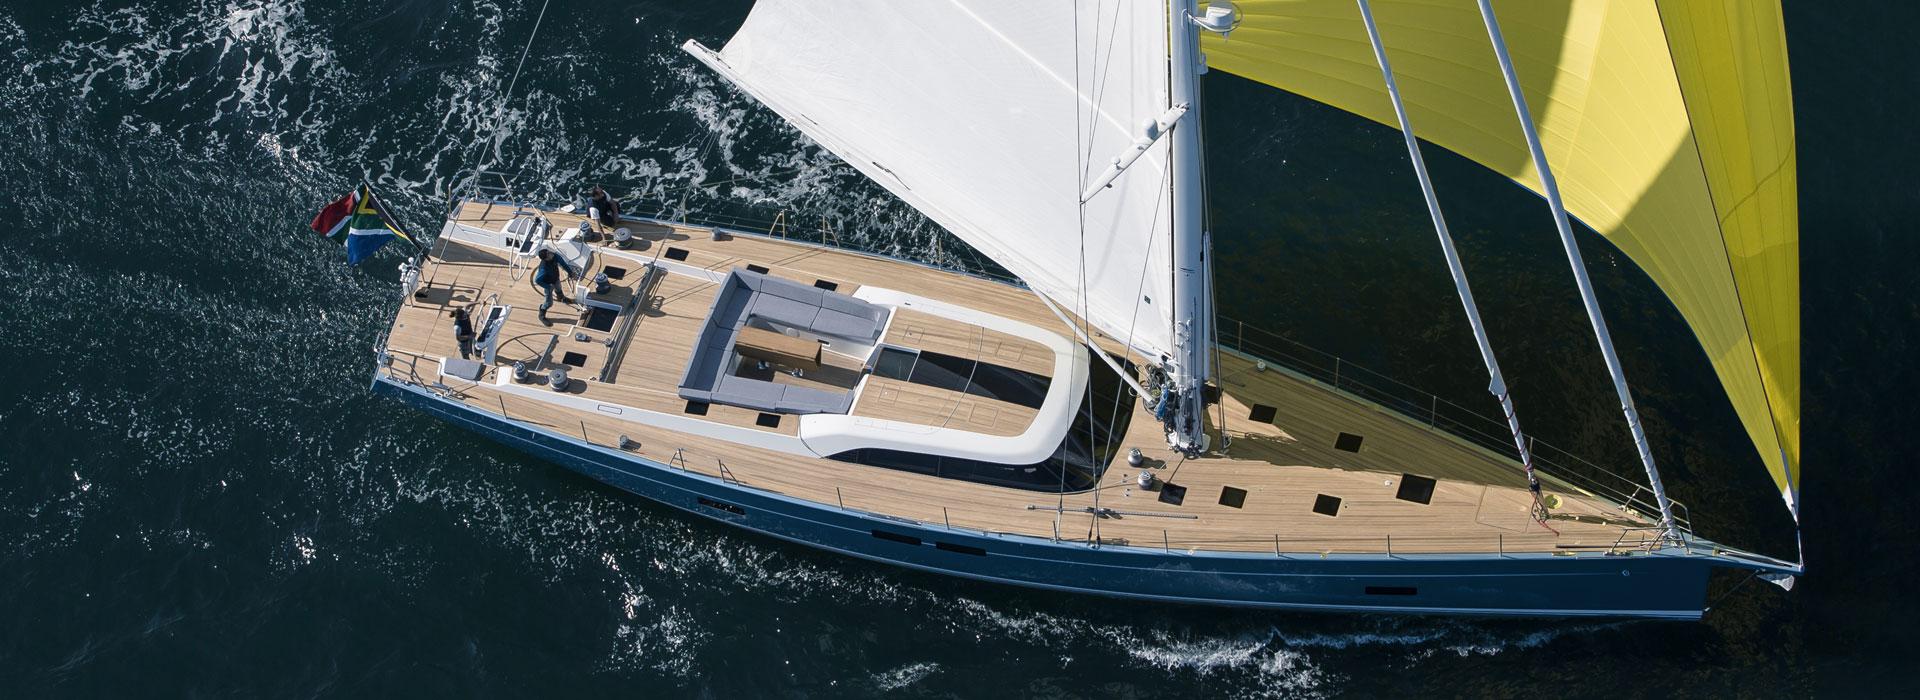 SW82 FEELIN GOOD sailing yacht